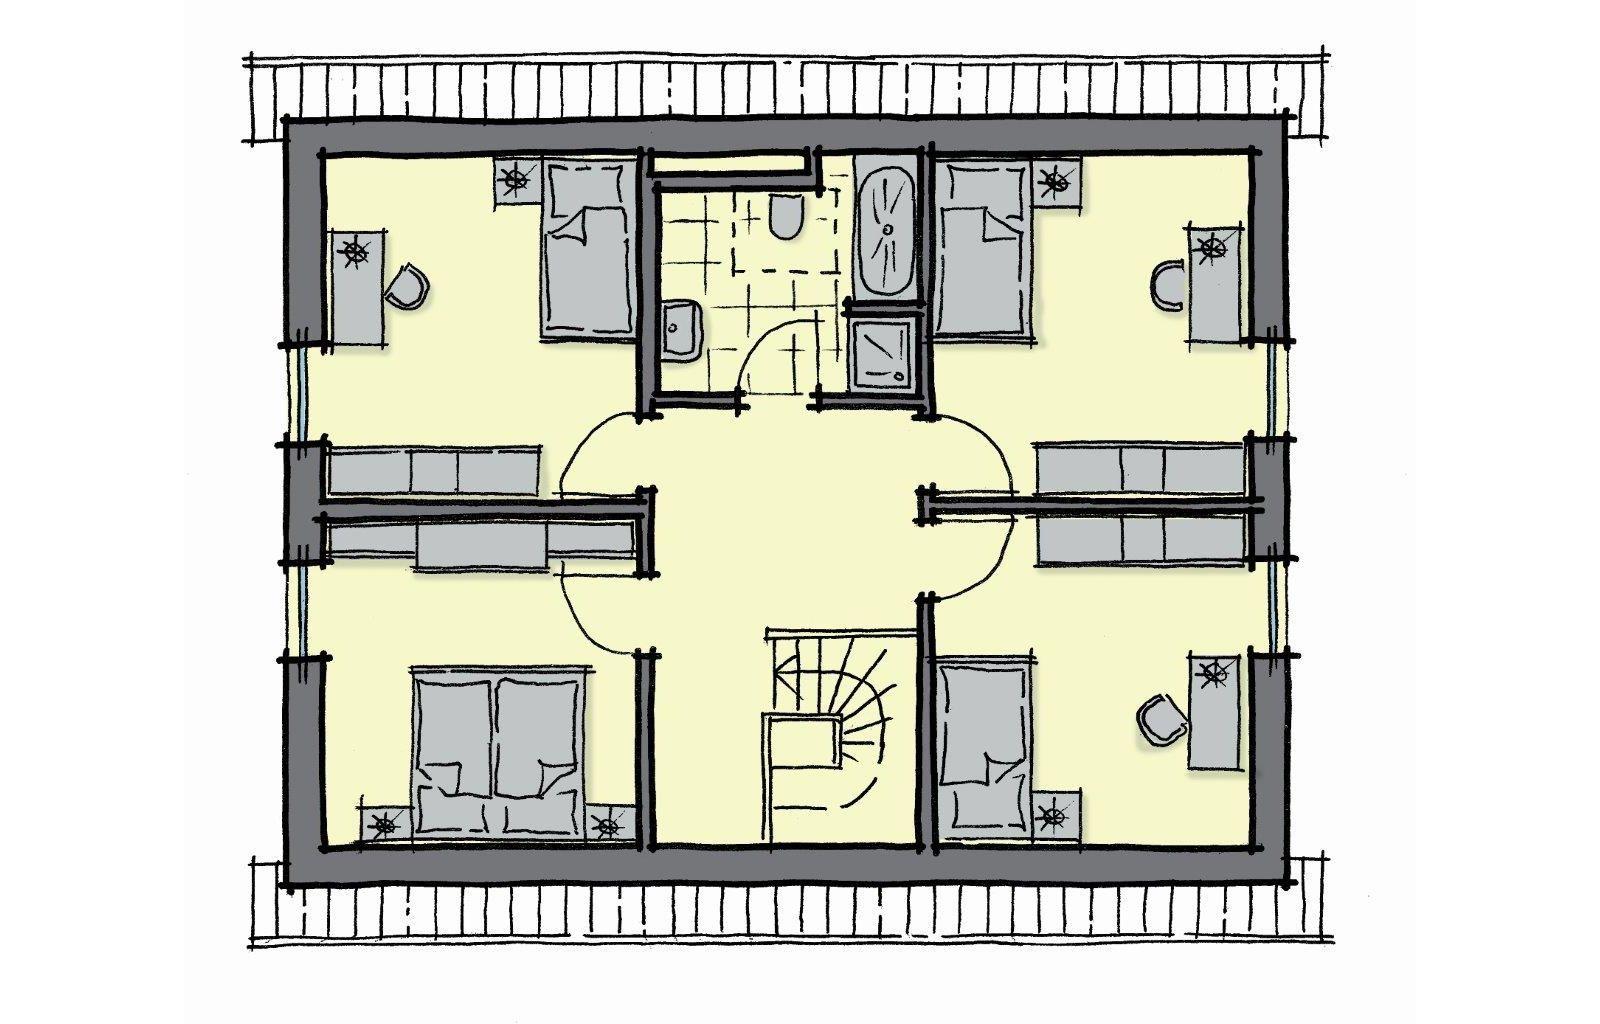 Dachgeschoss Grundriss Einfamilienhaus mit Satteldach